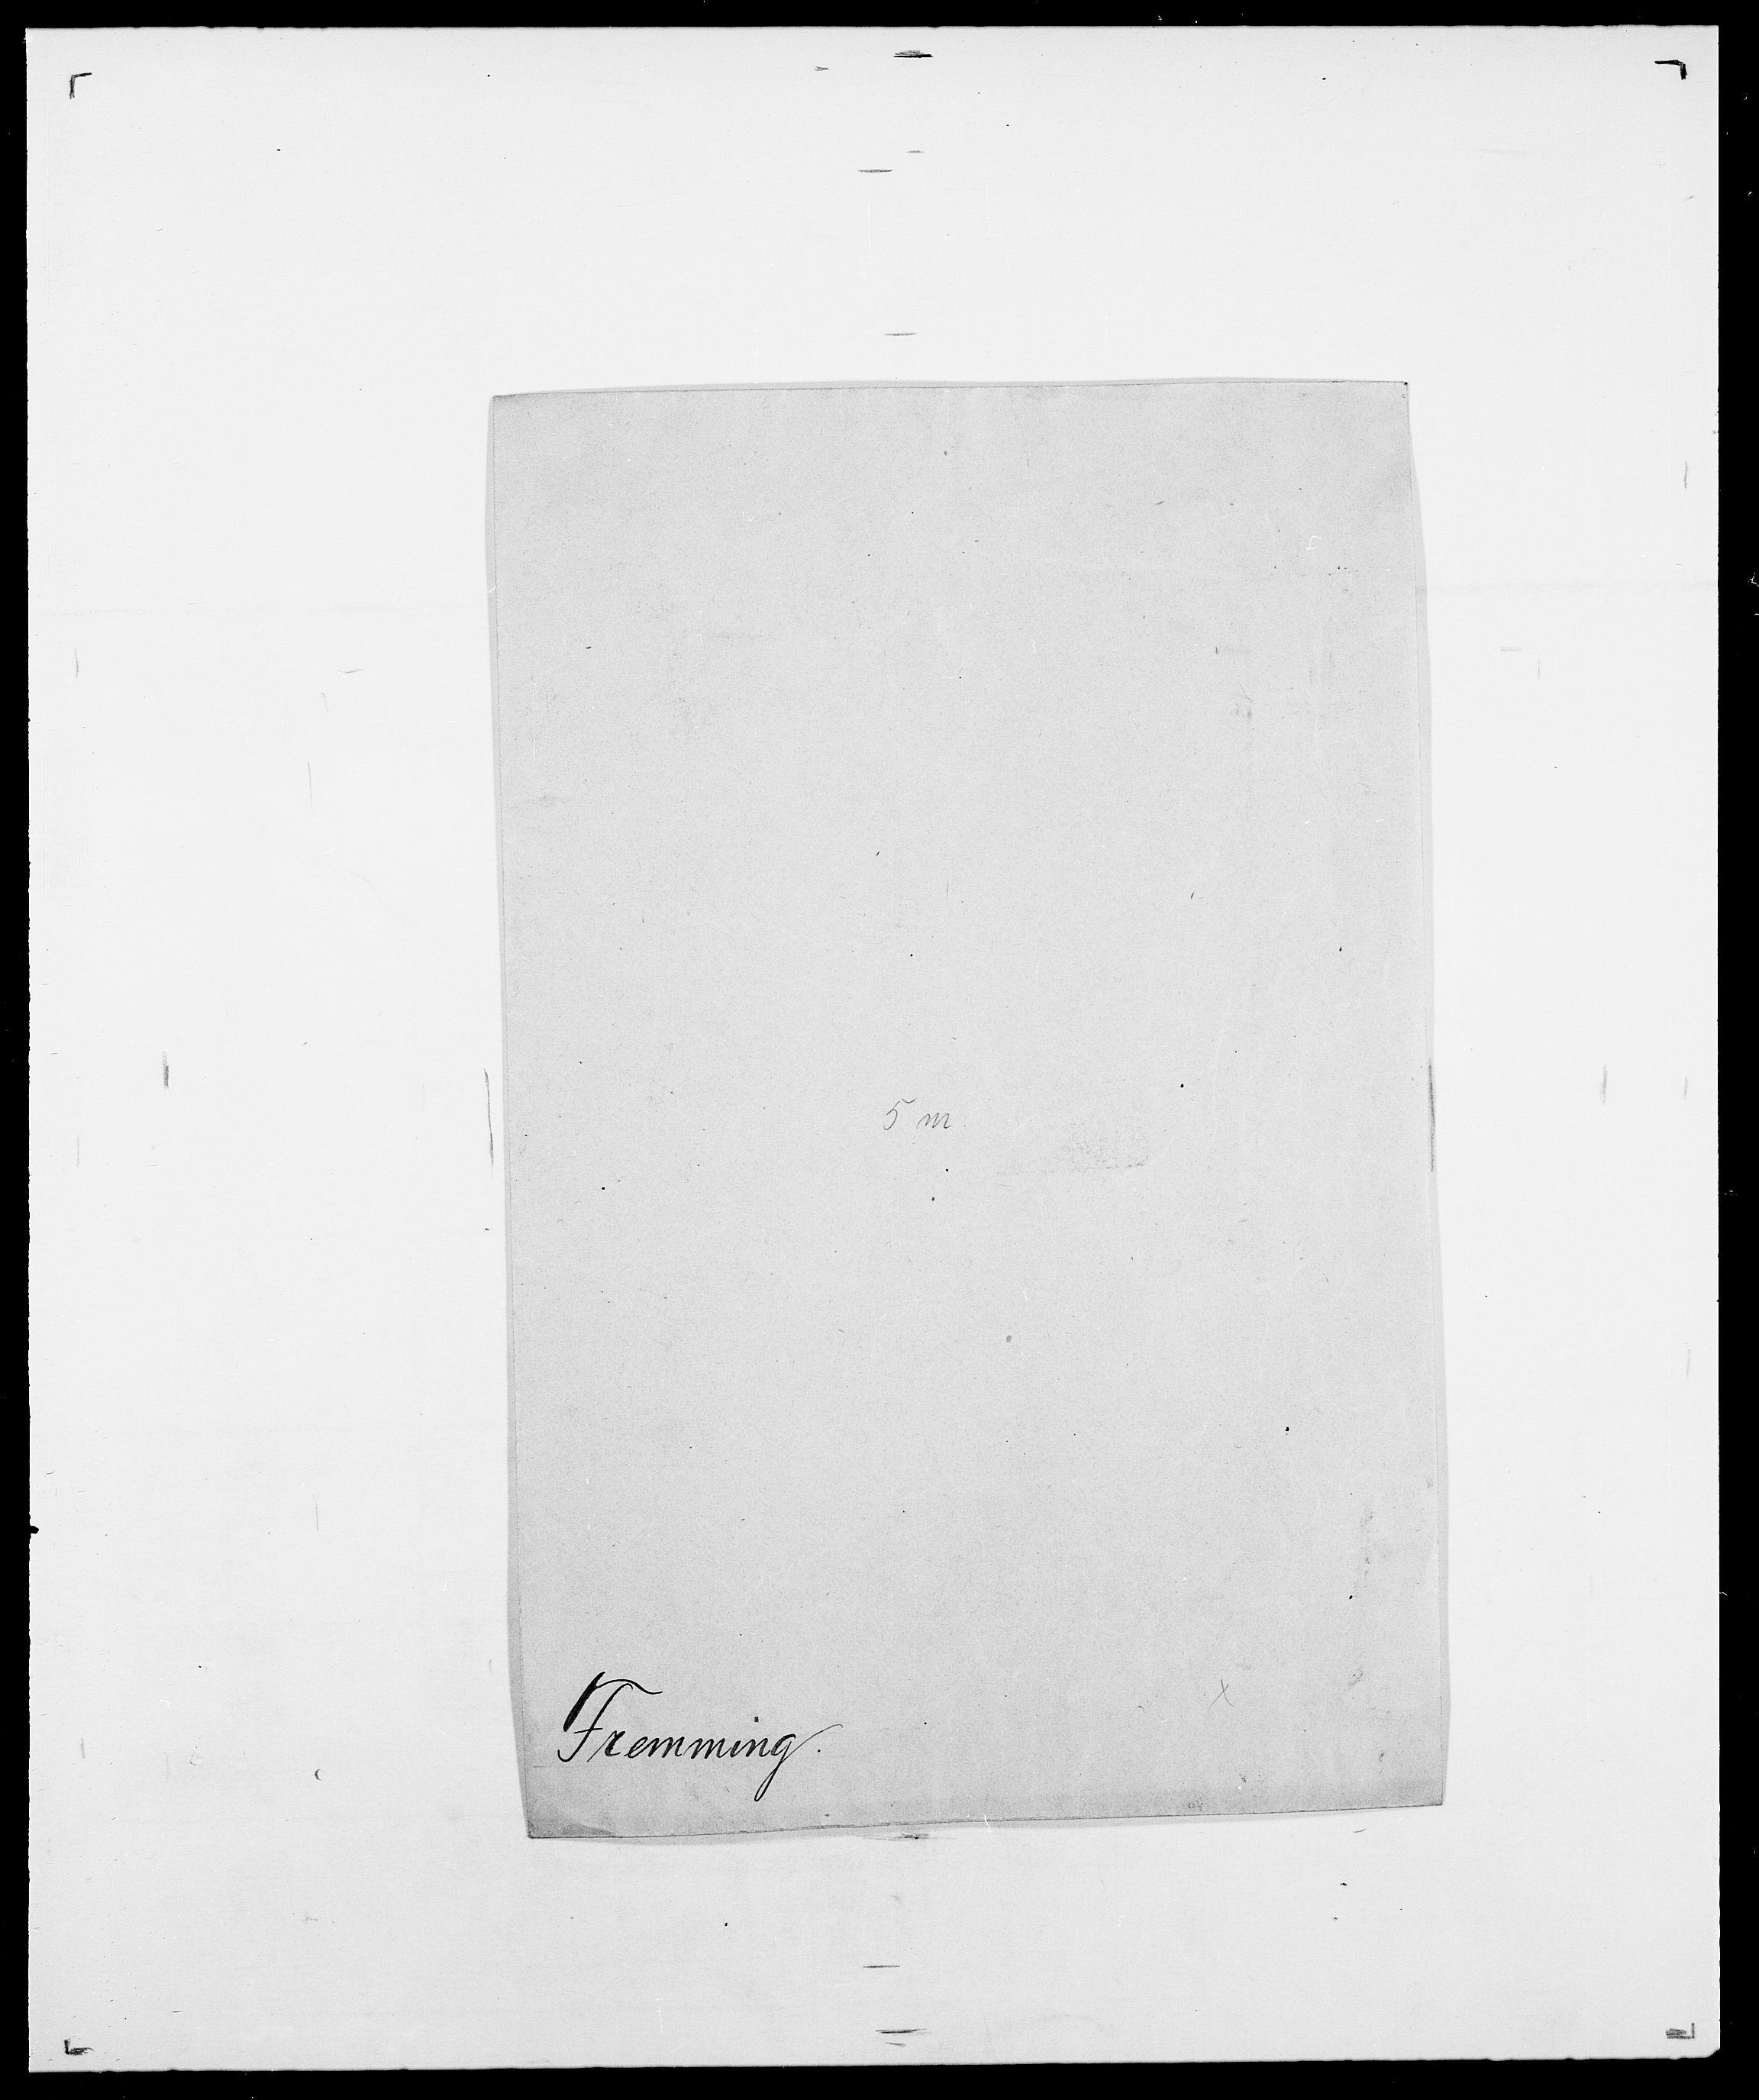 SAO, Delgobe, Charles Antoine - samling, D/Da/L0012: Flor, Floer, Flohr - Fritzner, s. 742